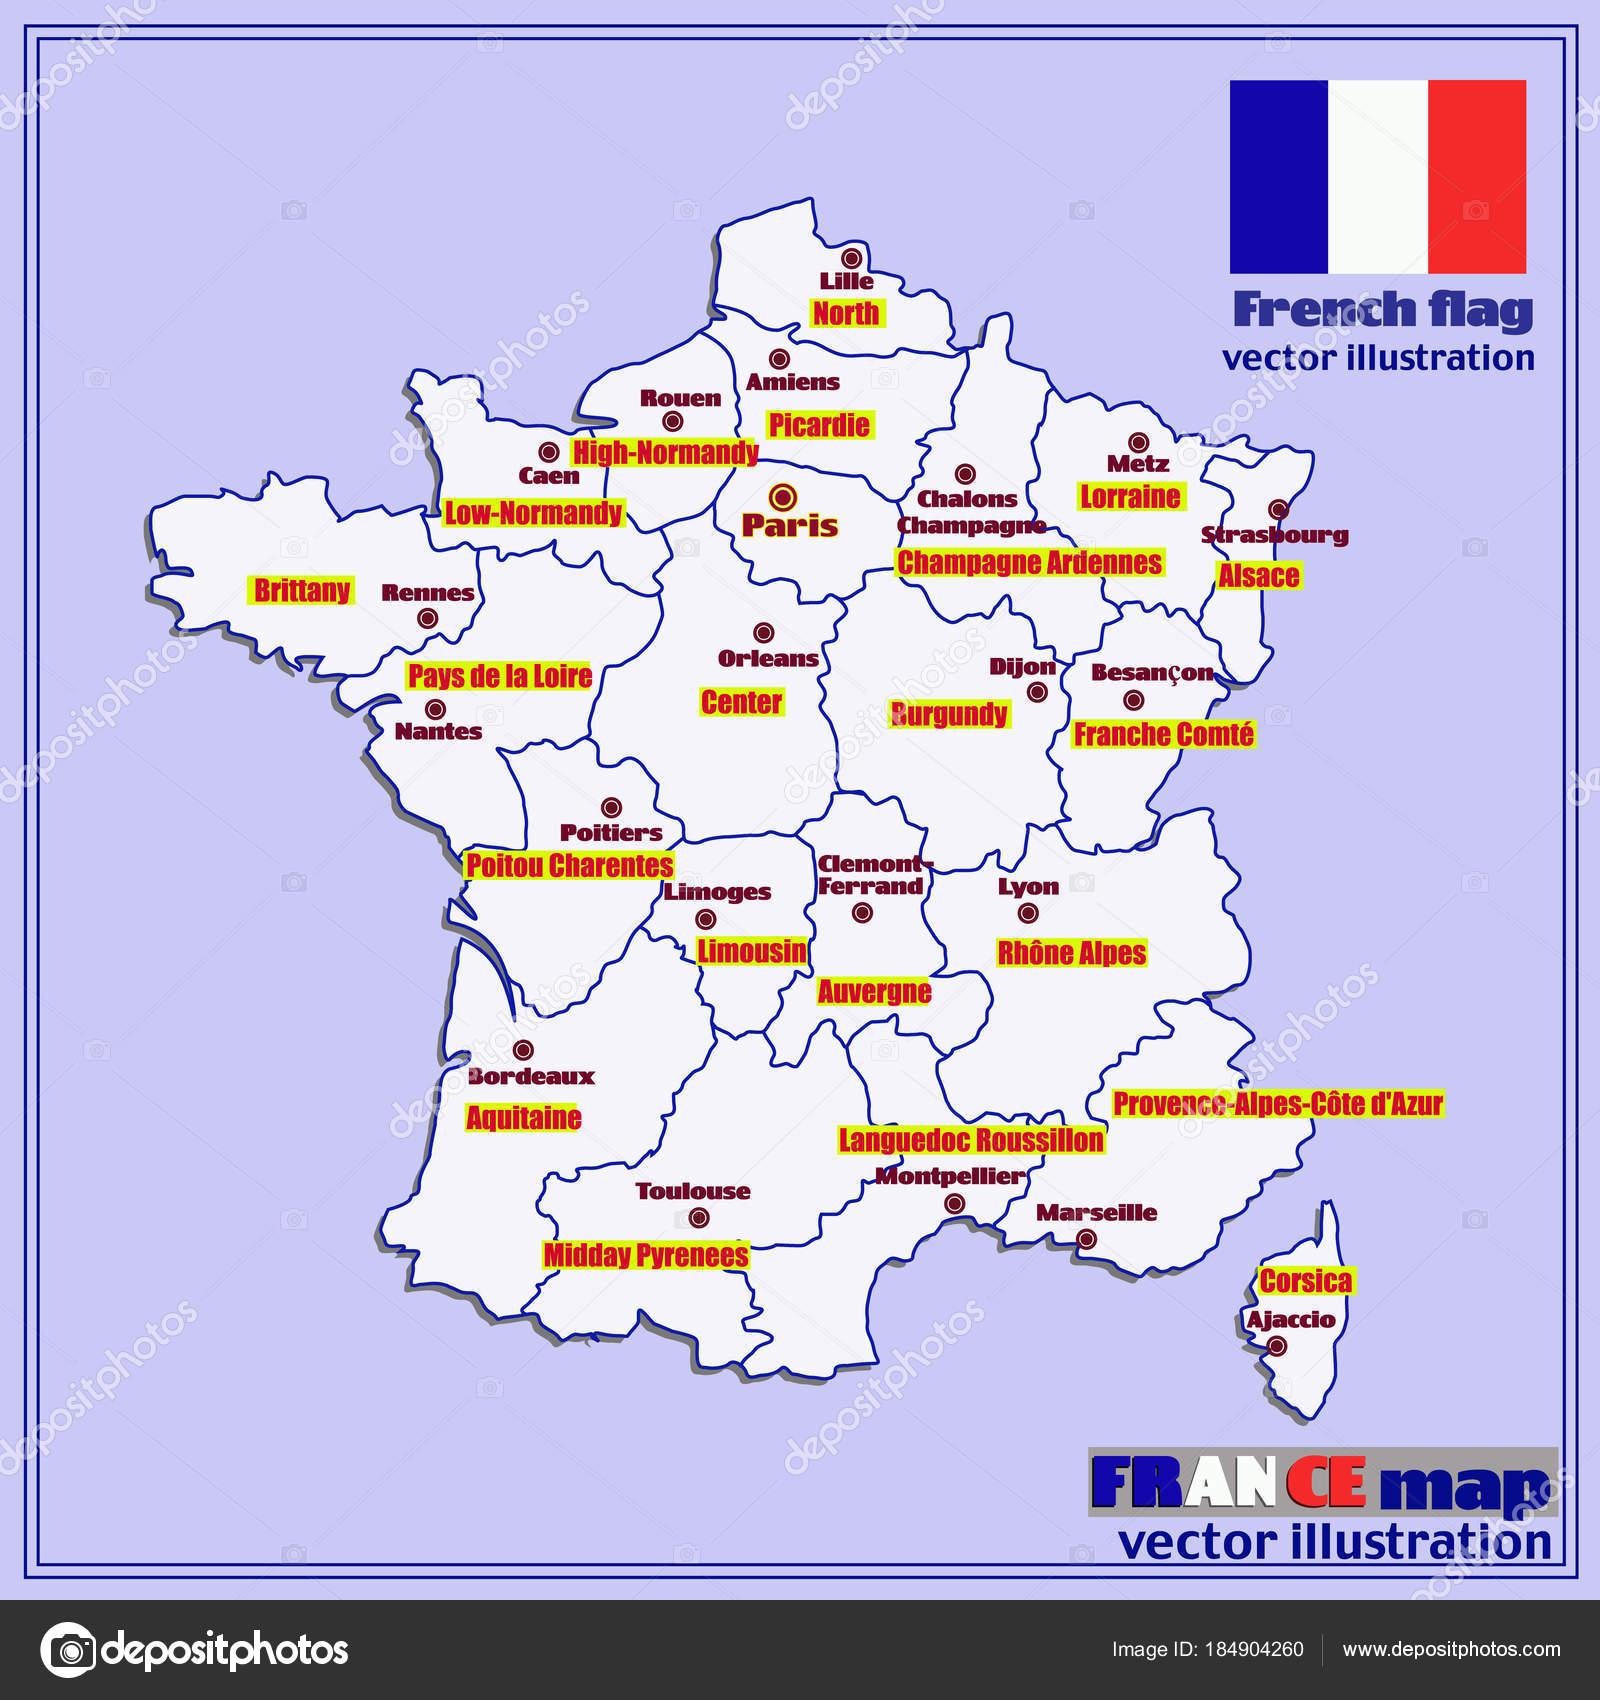 Carte De France Avec Les Régions Français. Vector. — Image tout Carte De La France Avec Les Régions